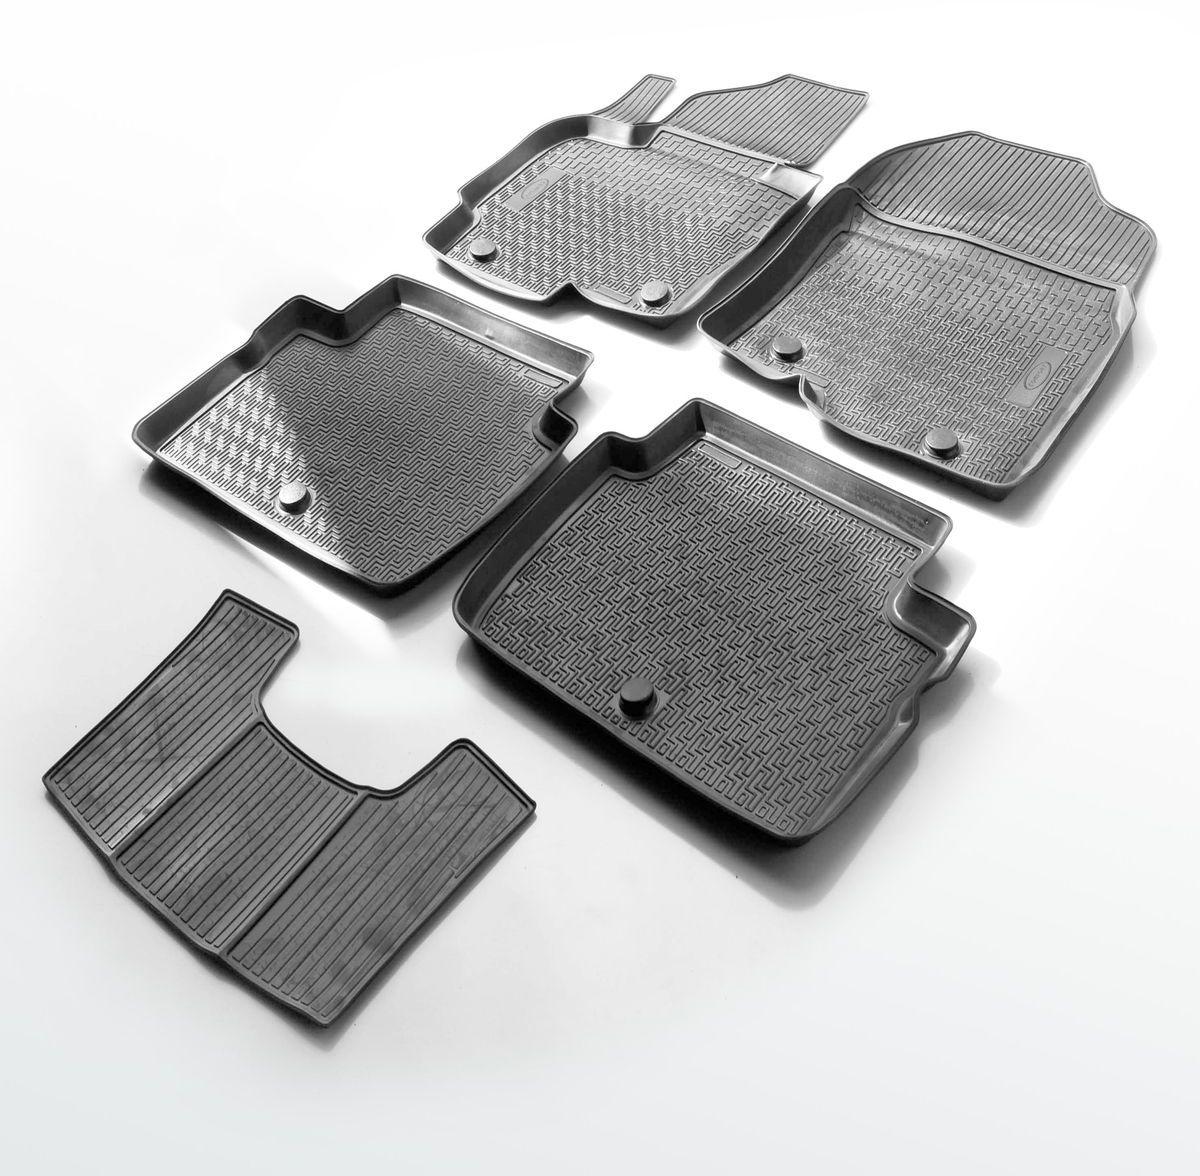 Коврики салона Rival для Kia Optima 2016-, c перемычкой, полиуретан54 009312Прочные и долговечные коврики Rival в салон автомобиля, изготовлены из высококачественного и экологичного сырья. Коврики полностью повторяют геометрию салона вашего автомобиля.- Надежная система крепления, позволяющая закрепить коврик на штатные элементы фиксации, в результате чего отсутствует эффект скольжения по салону автомобиля.- Высокая стойкость поверхности к стиранию.- Специализированный рисунок и высокий борт, препятствующие распространению грязи и жидкости по поверхности коврика.- Перемычка задних ковриков в комплекте предотвращает загрязнение тоннеля карданного вала.- Коврики произведены из первичных материалов, в результате чего отсутствует неприятный запах в салоне автомобиля.- Высокая эластичность, можно беспрепятственно эксплуатировать при температуре от -45°C до +45°C. Уважаемые клиенты! Обращаем ваше внимание, что коврики имеют форму, соответствующую модели данного автомобиля. Фото служит для визуального восприятия товара.